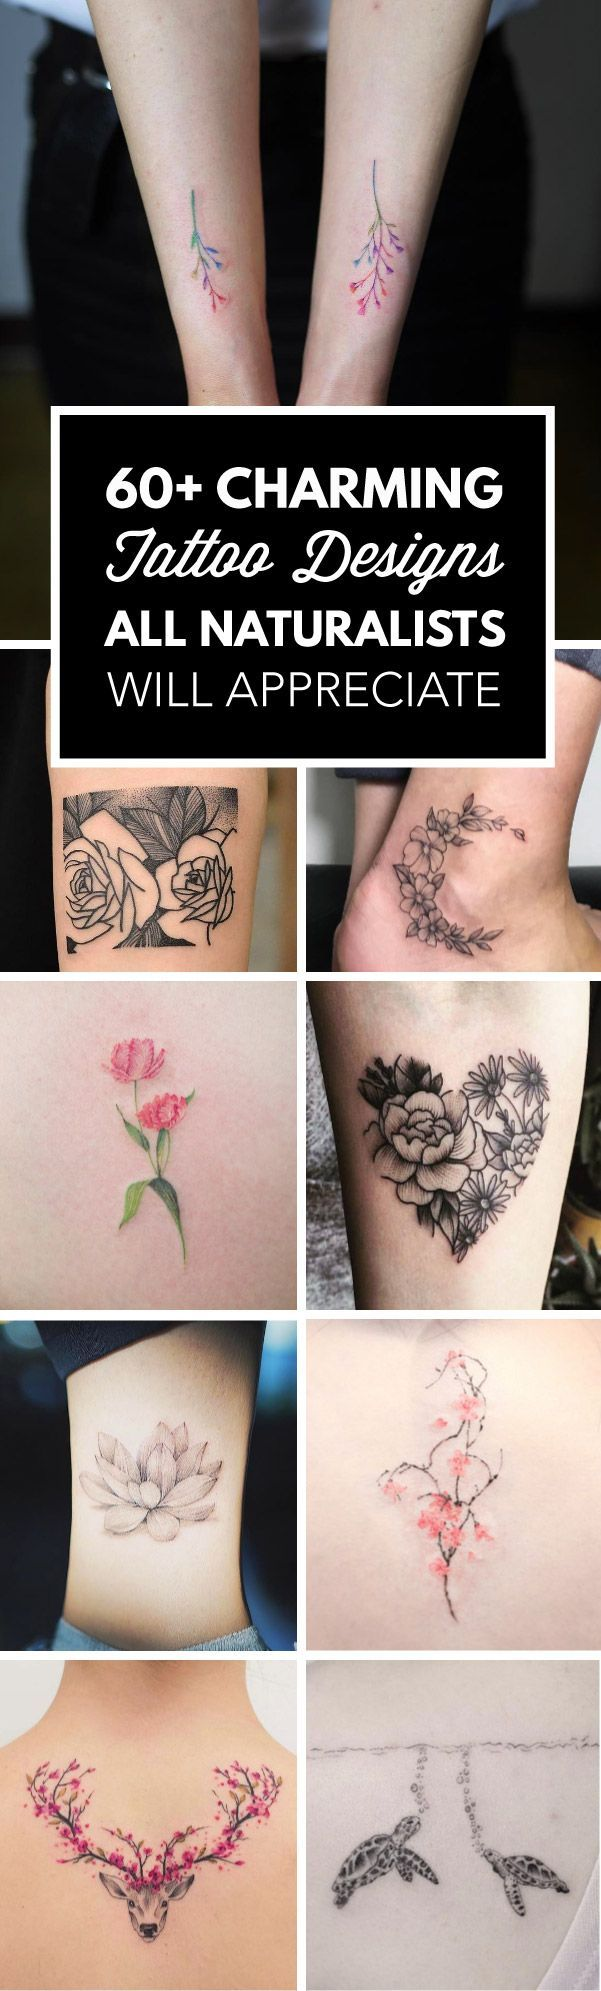 60+ Charming Tattoos All Naturalists Will Appreciate